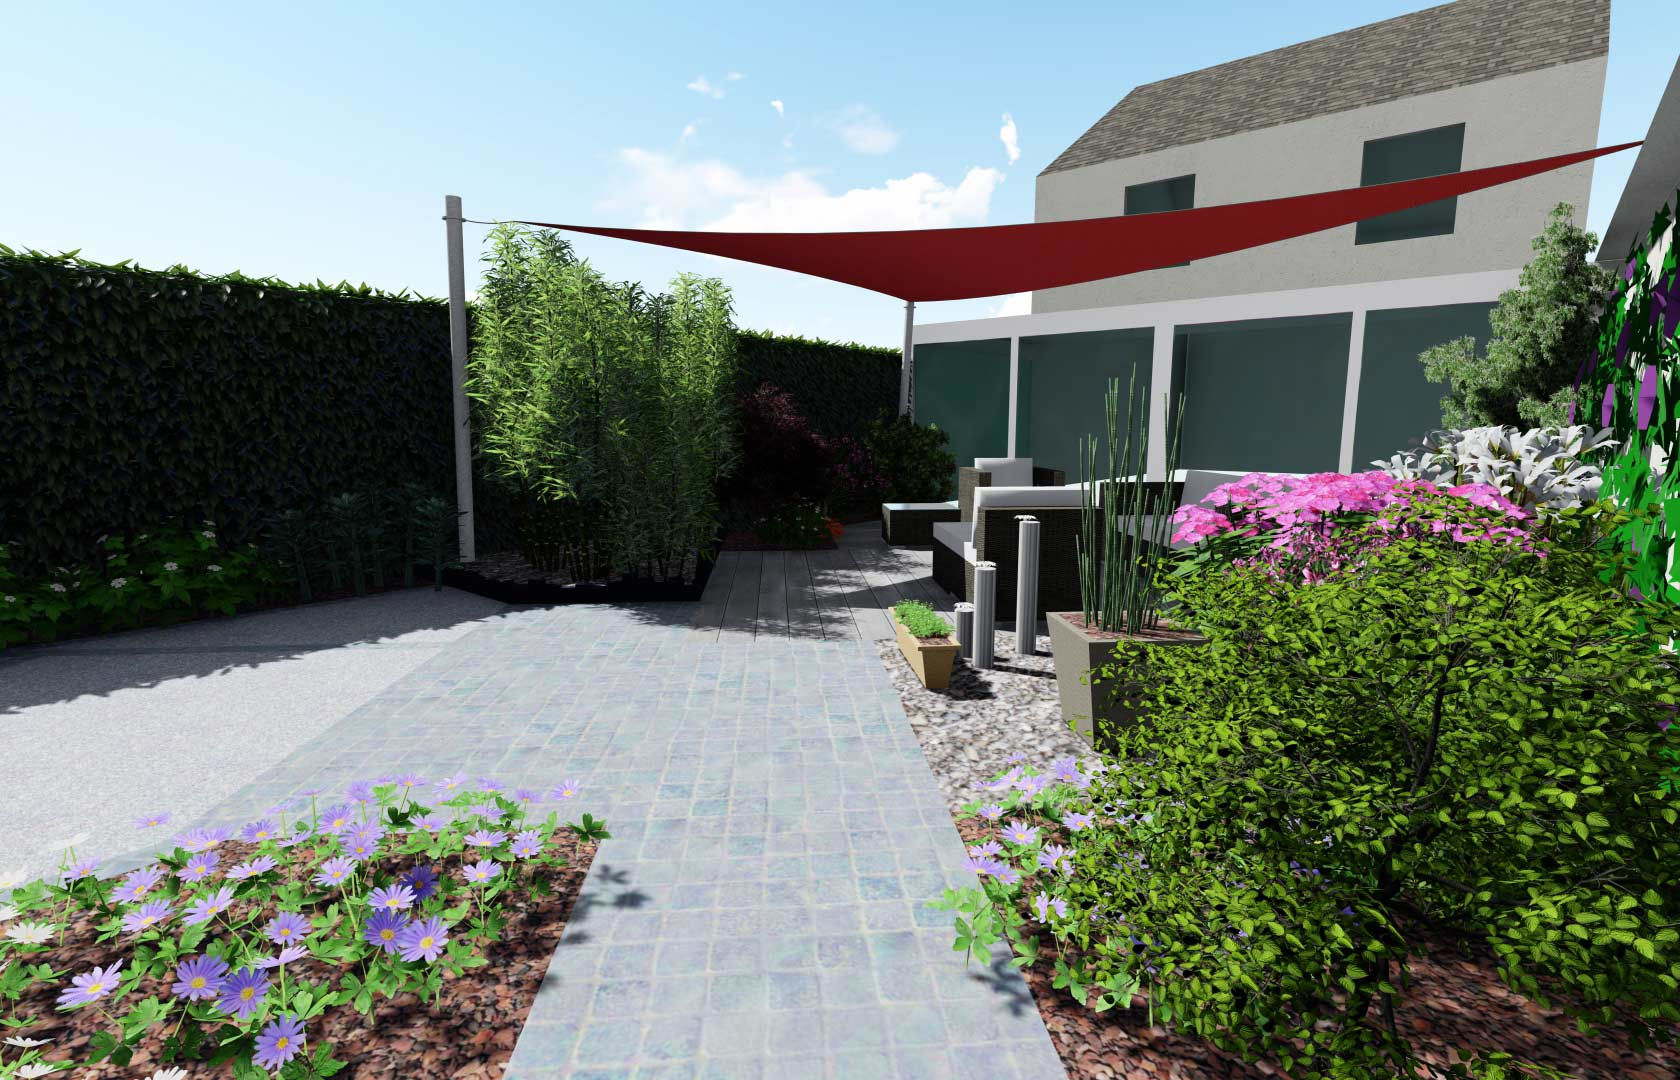 Entreprise du paysage, Serrault Jardins valorisera vos extérieurs grâce à son expérience et son savoir-faire.